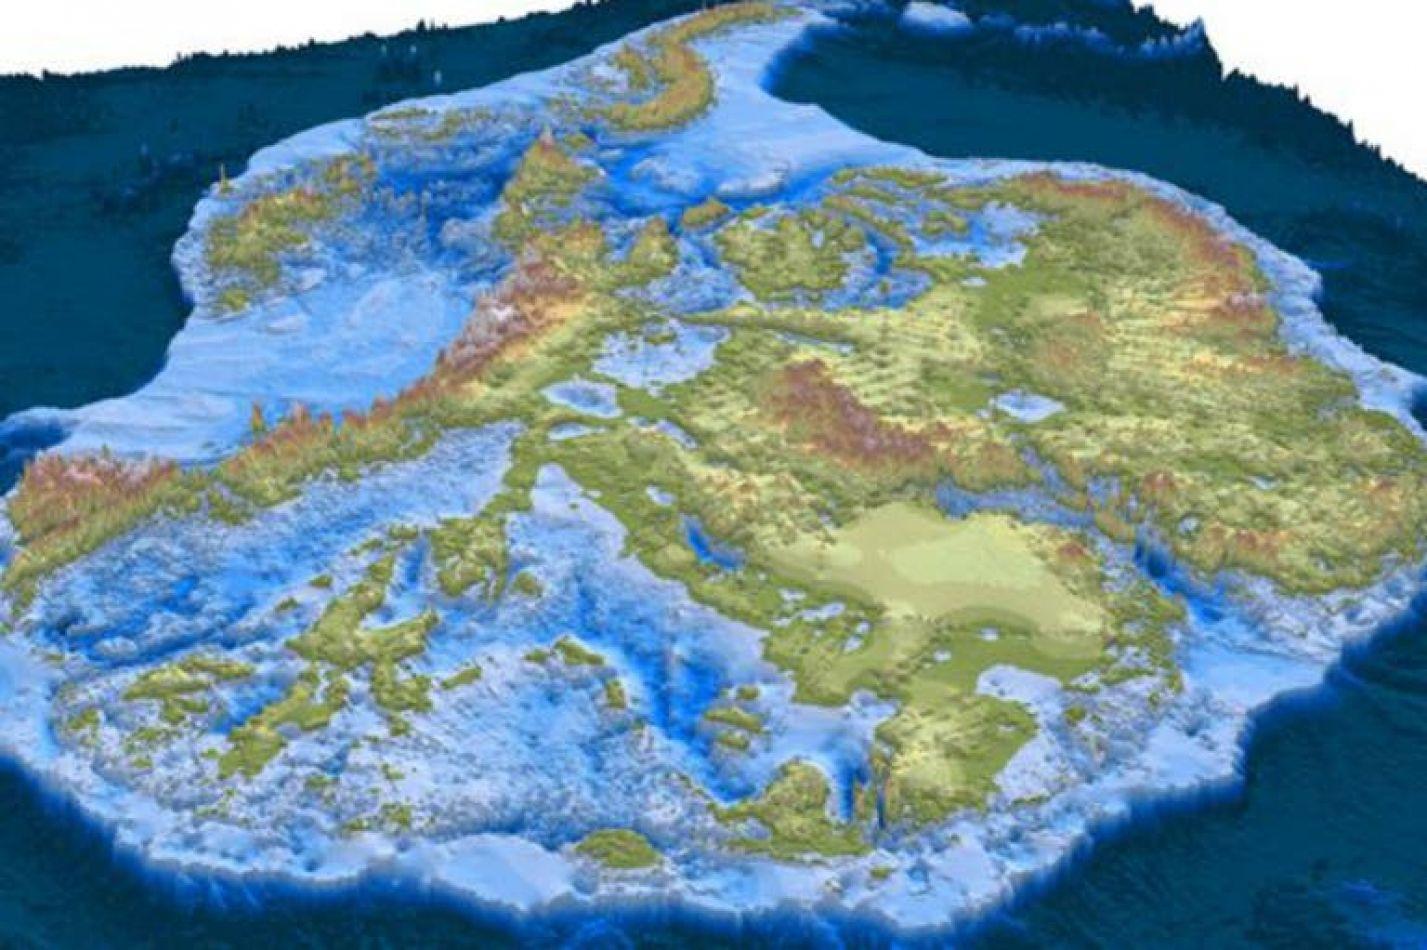 El glaciar Denman, de color azul oscuro, tiene 20 km de ancho y 100 km de largo